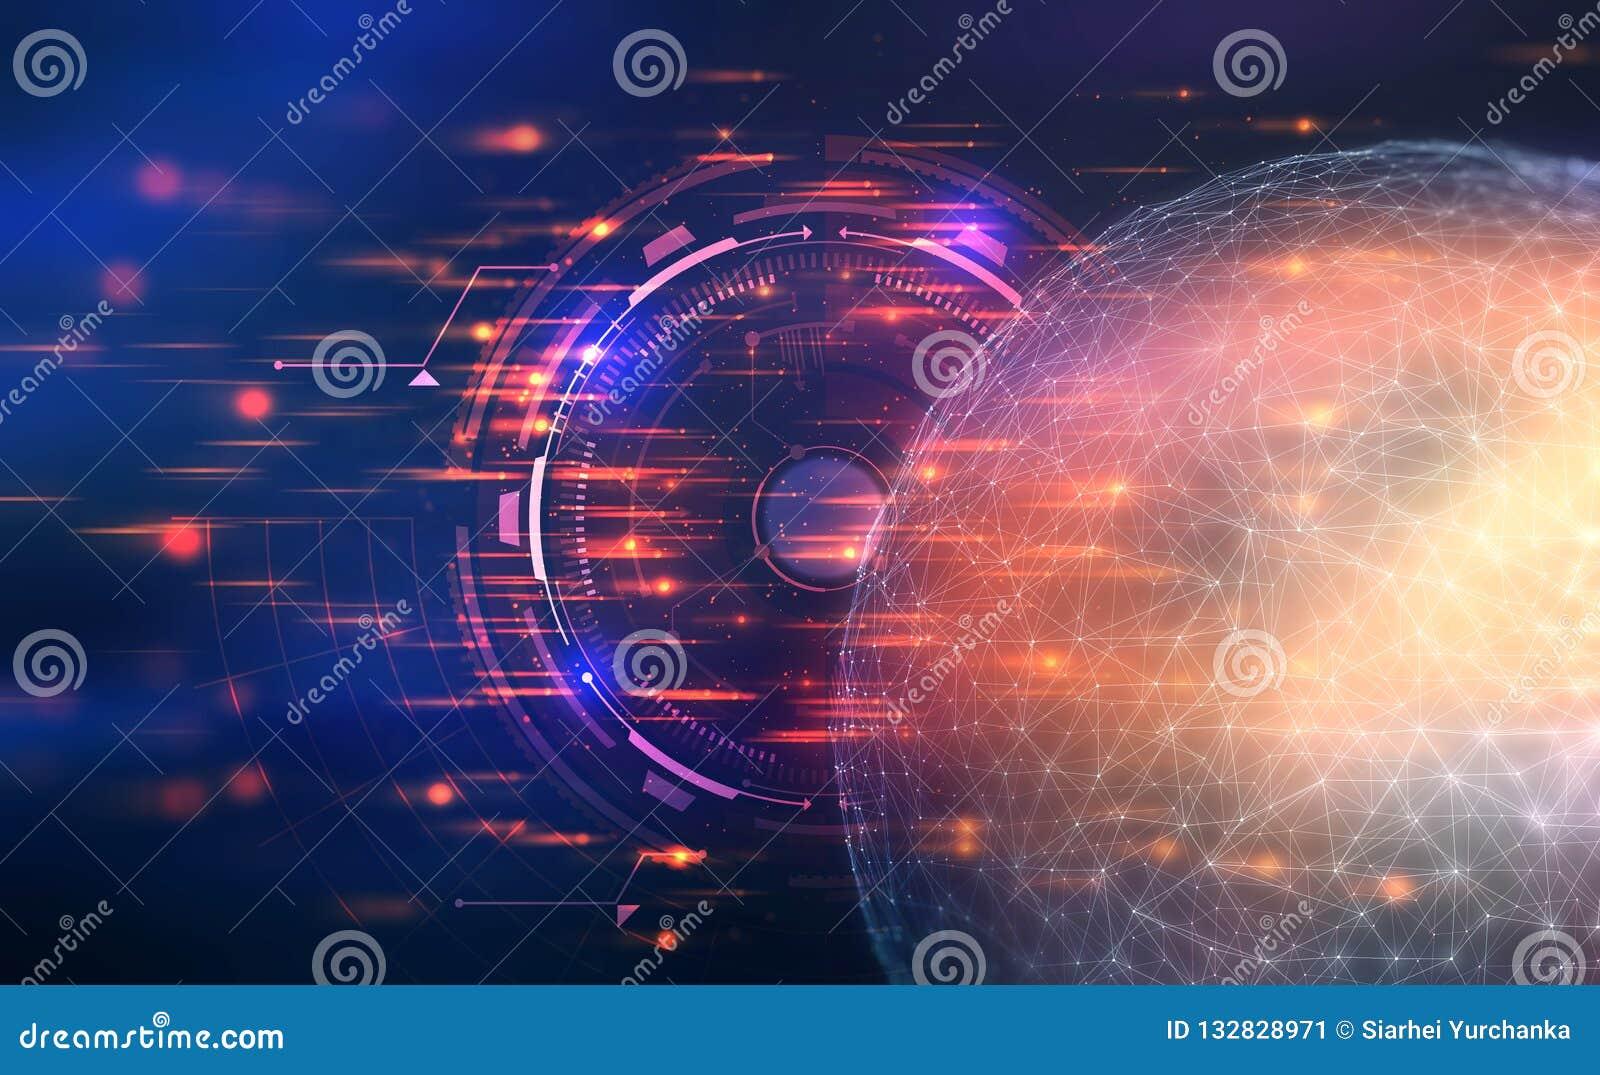 τεχνητή νοημοσύνη Έλεγχος του παγκόσμιου δικτύου τρισδιάστατη απεικόνιση σε ένα φουτουριστικό υπόβαθρο